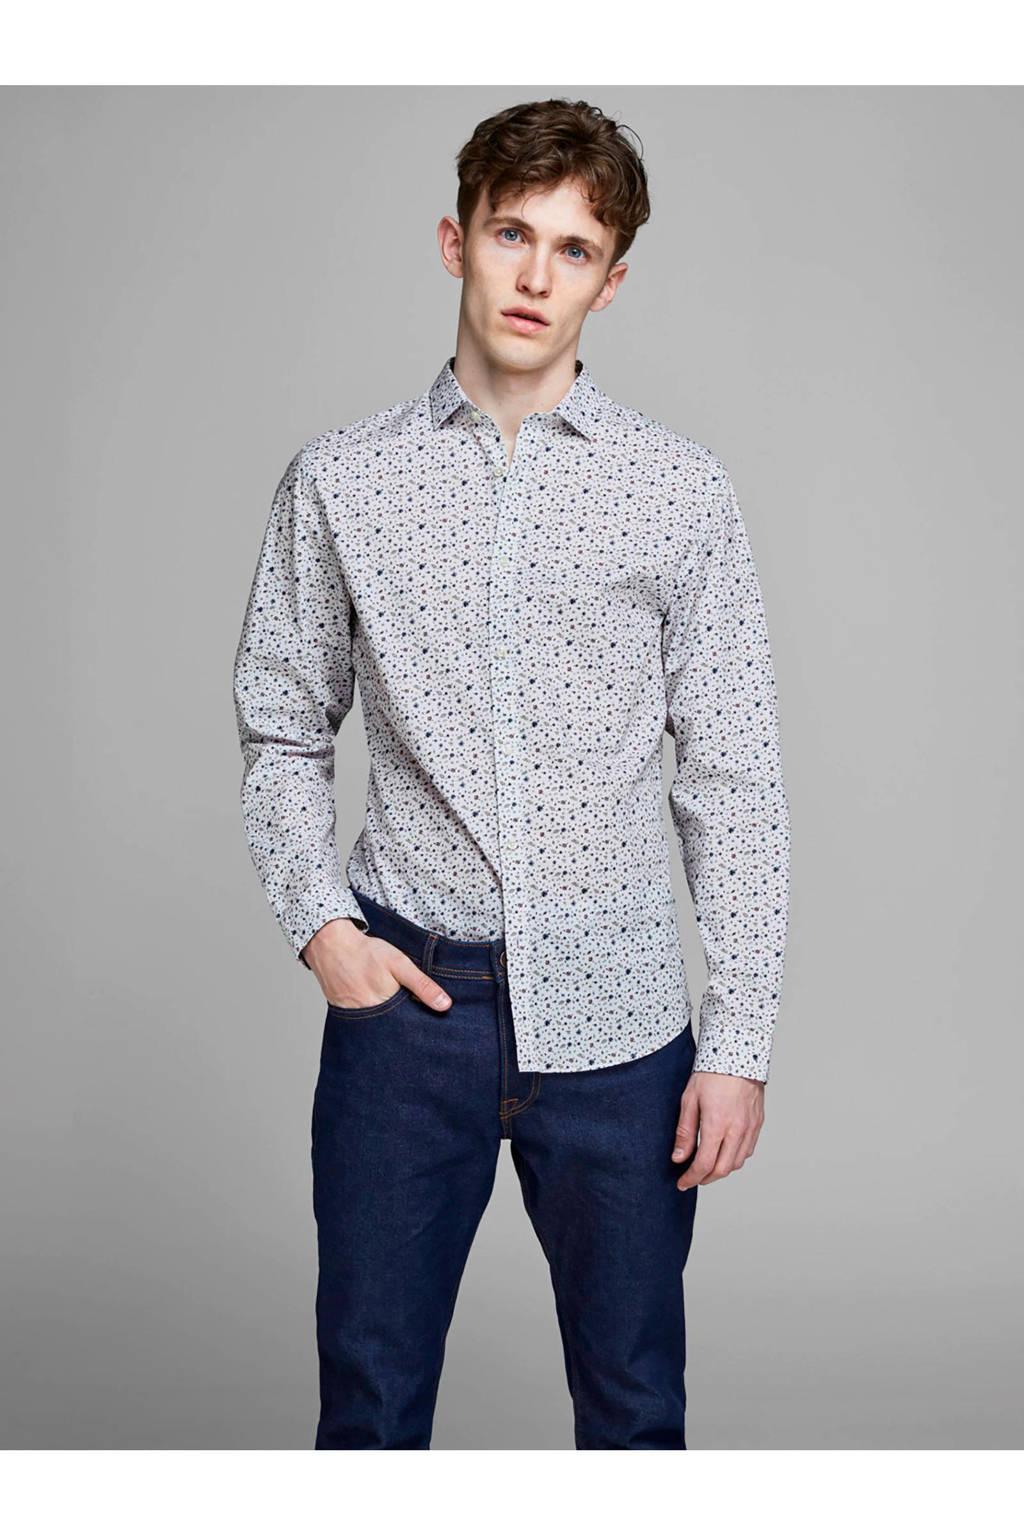 JACK & JONES PREMIUM slim fit overhemd met all over print, Wit/blauw